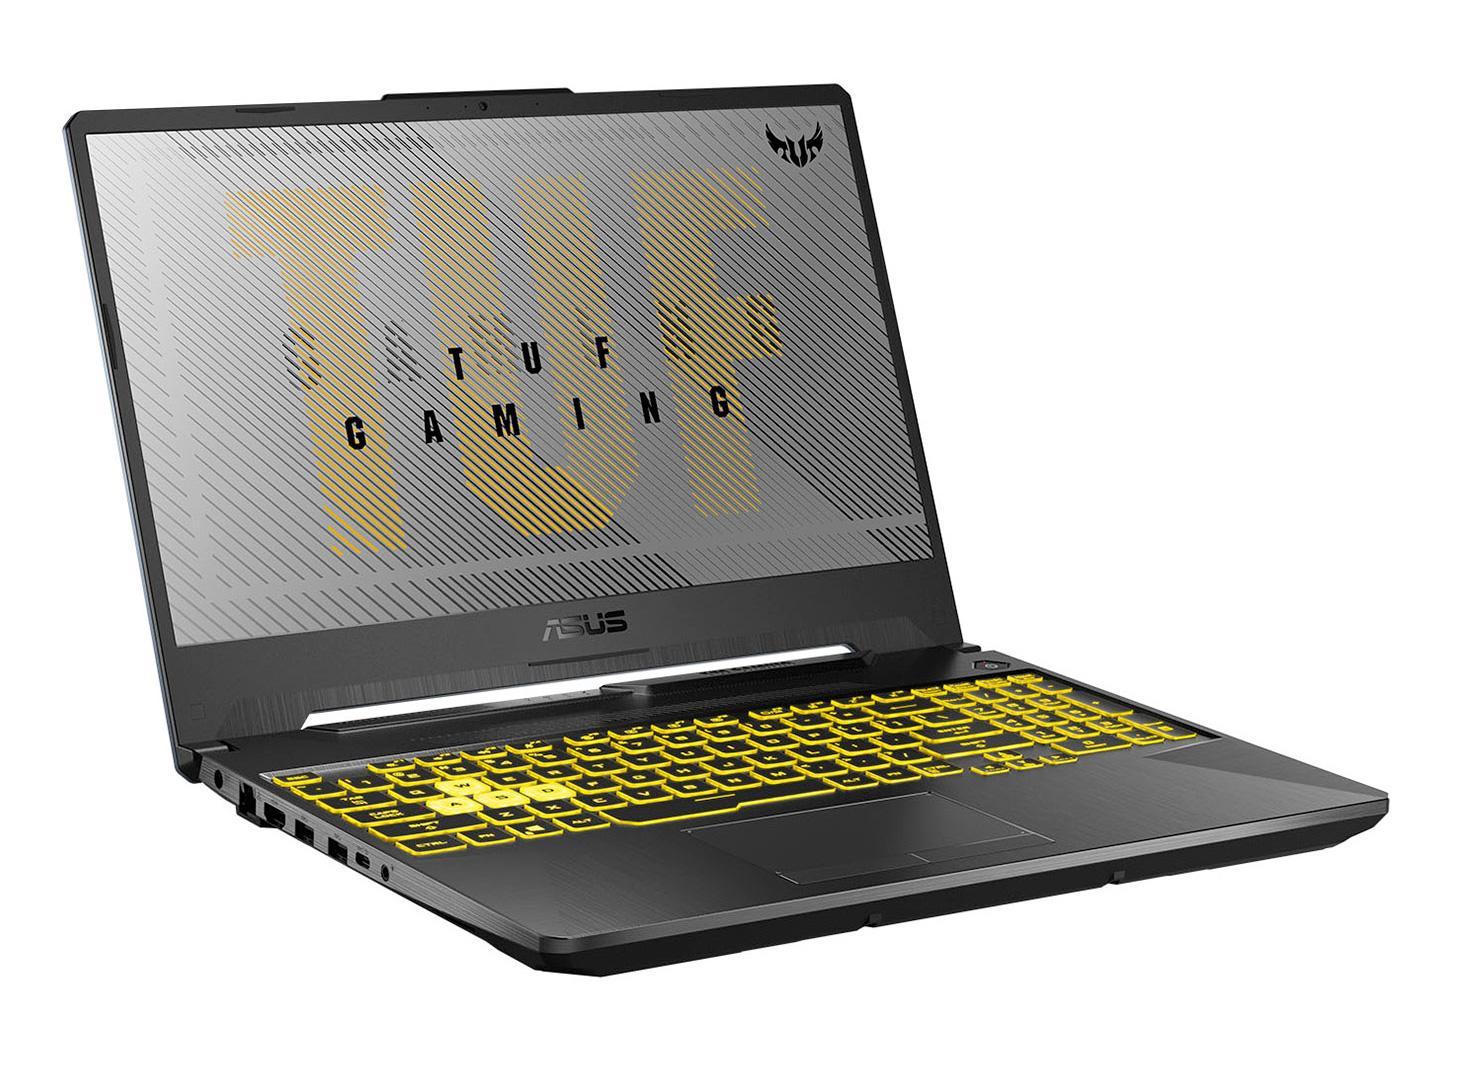 Image du PC portable Asus TUF566IV-AL143T Noir - RTX 2060, 144Hz, Ryzen 9